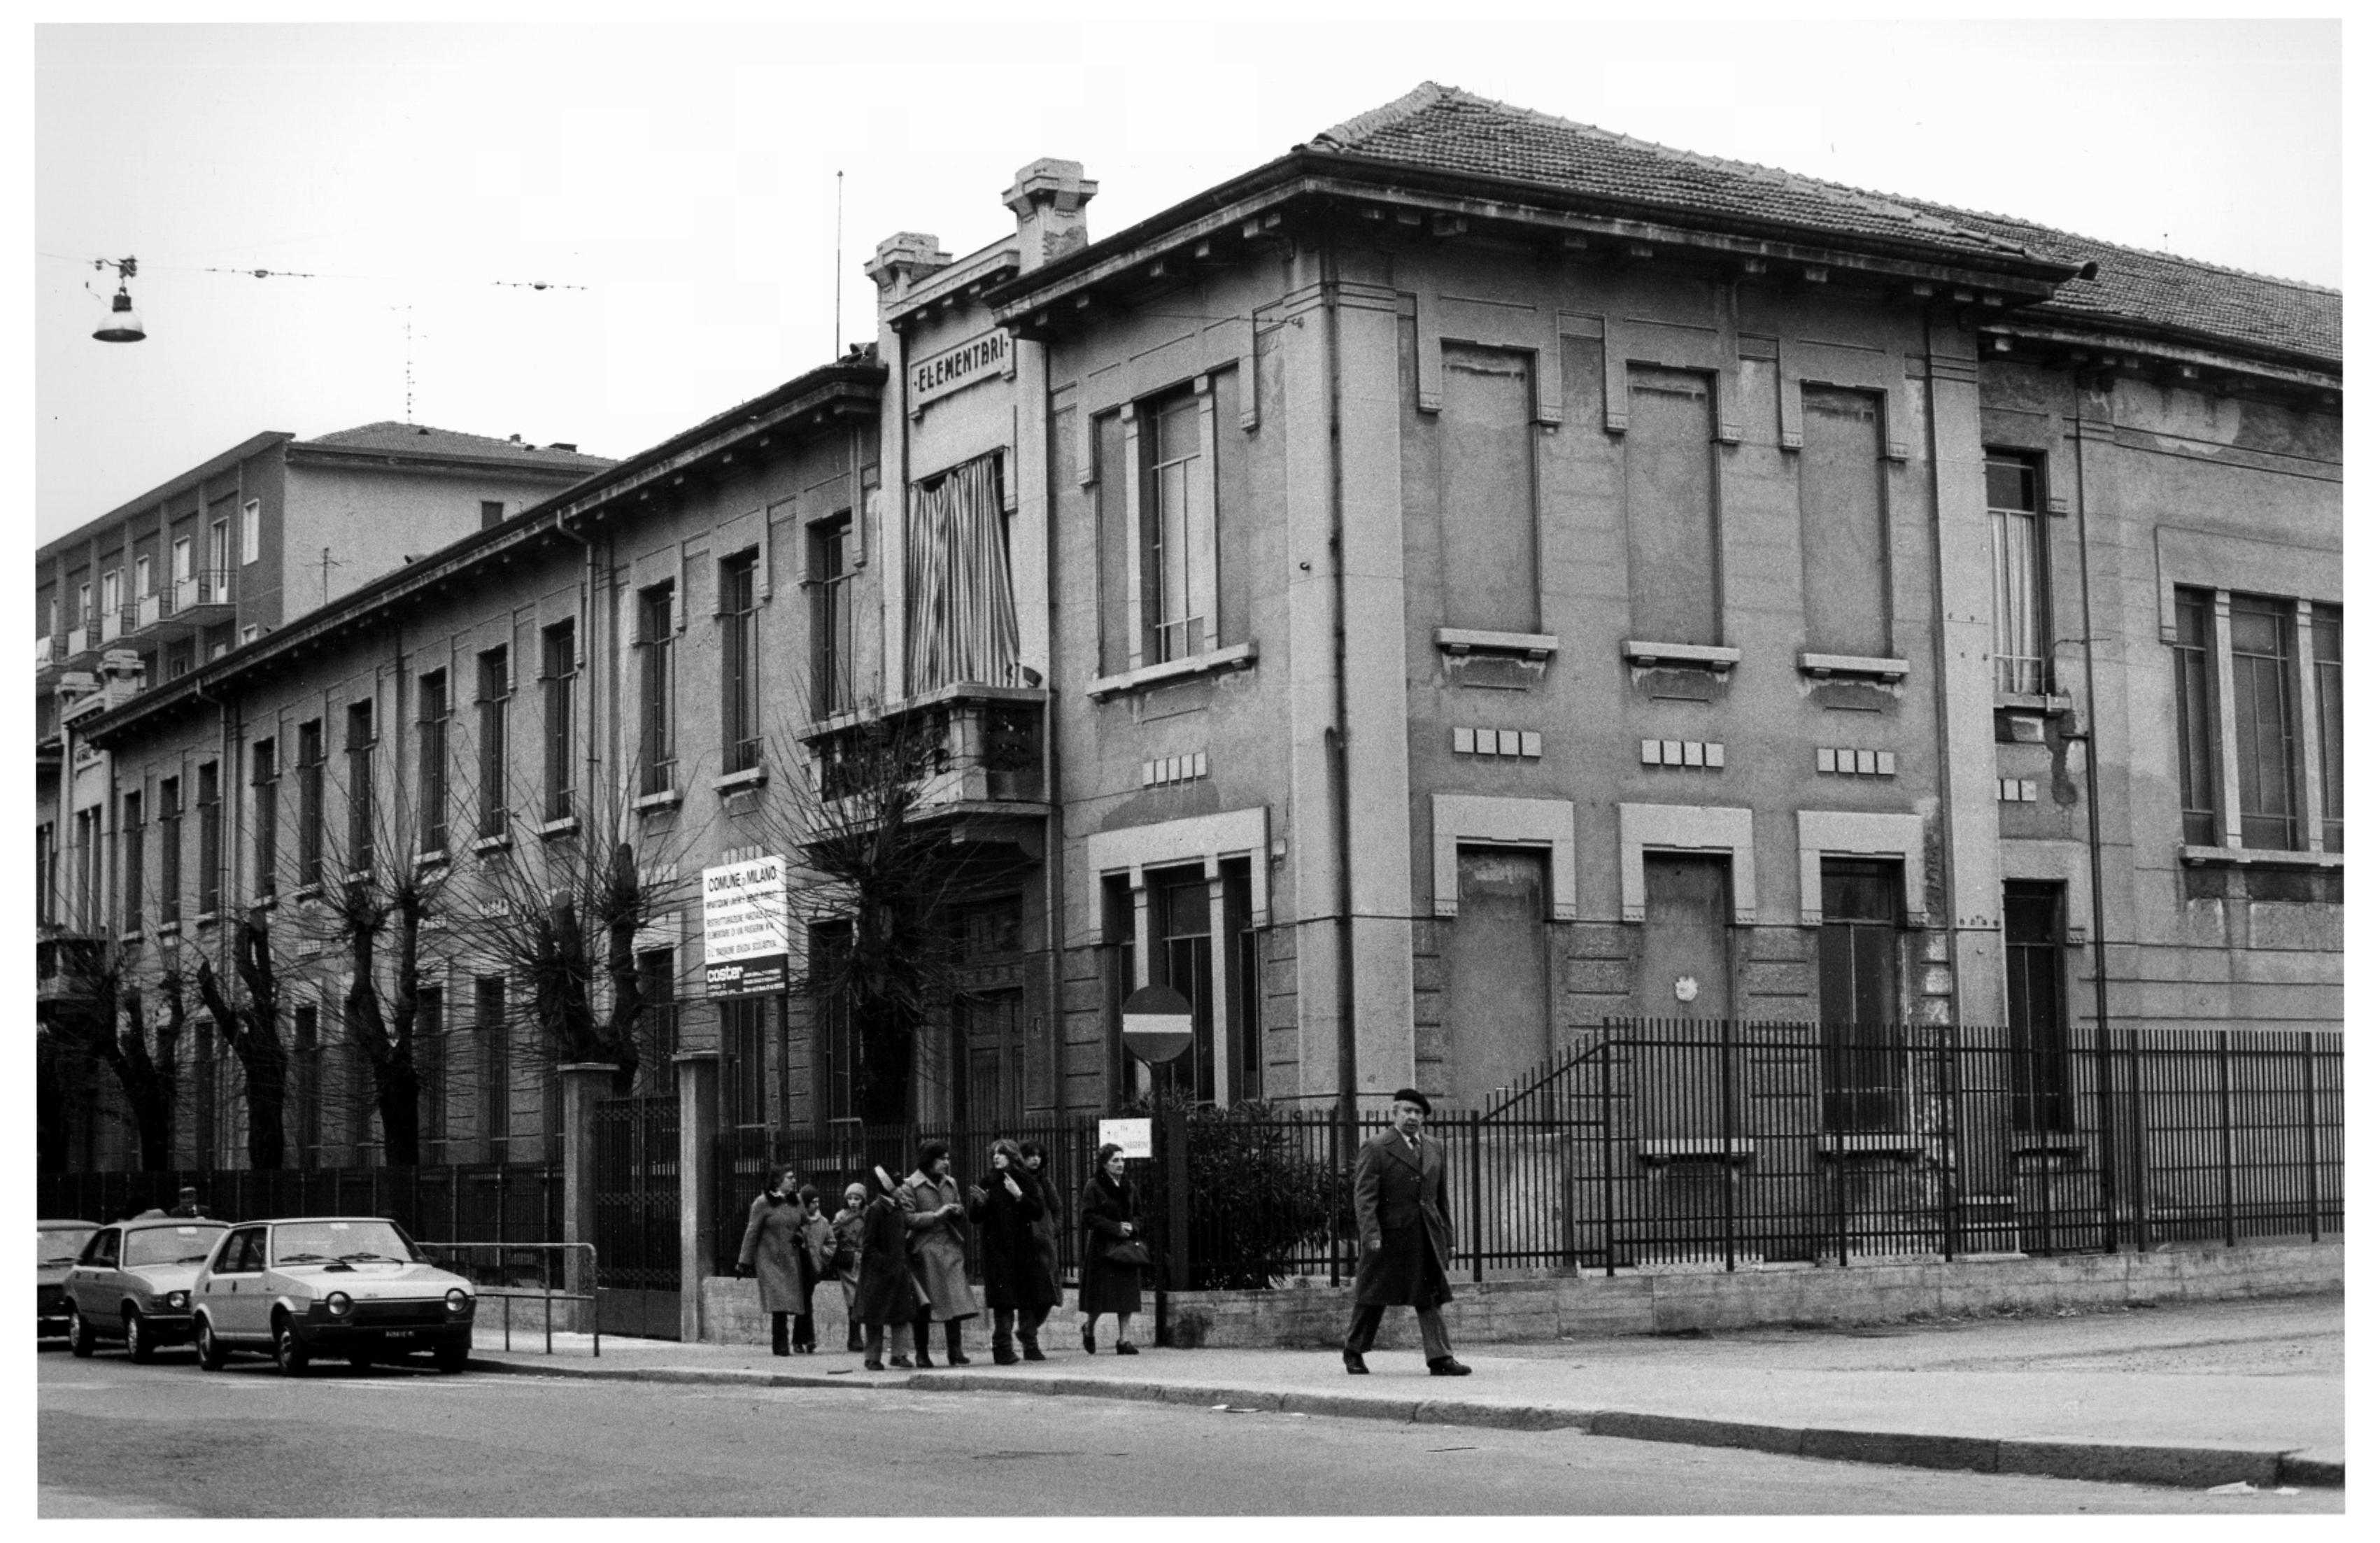 Via Passerini - Scuola elementare Vittorio Locchi